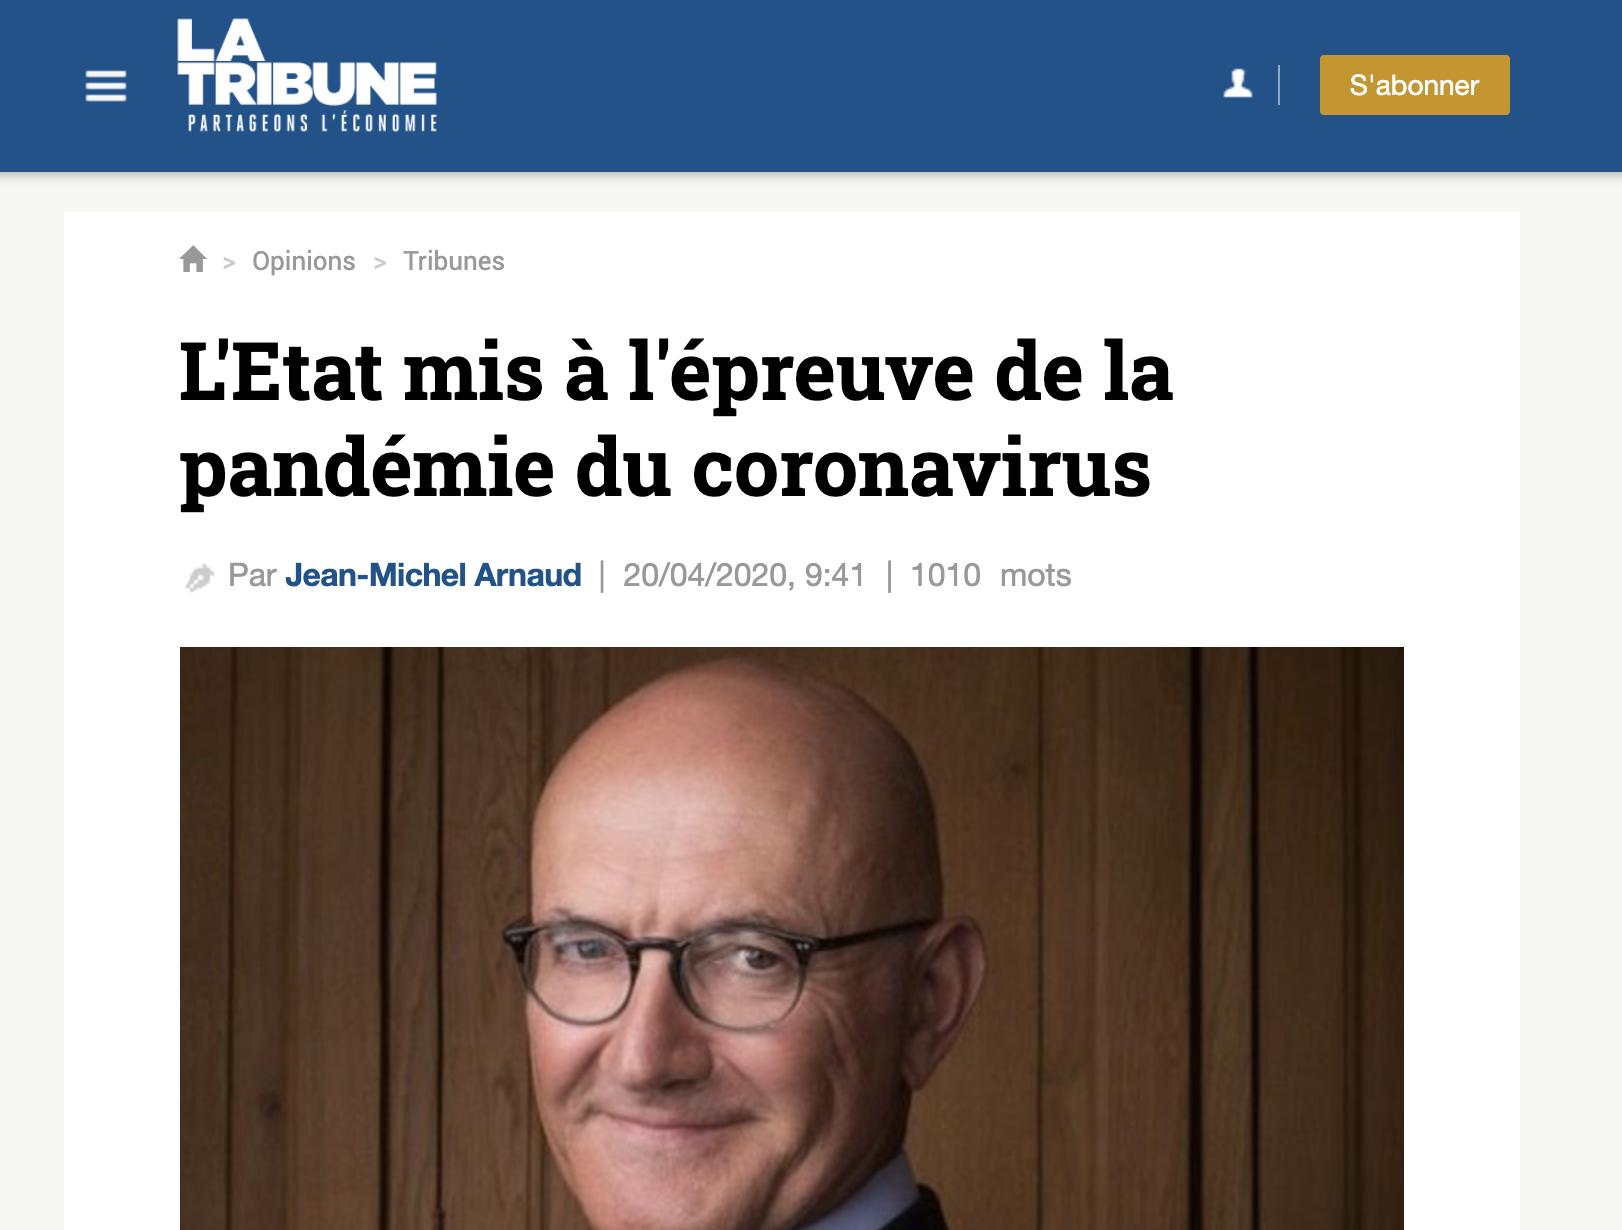 L'Etat mis à l'épreuve de la pandémie du coronavirus